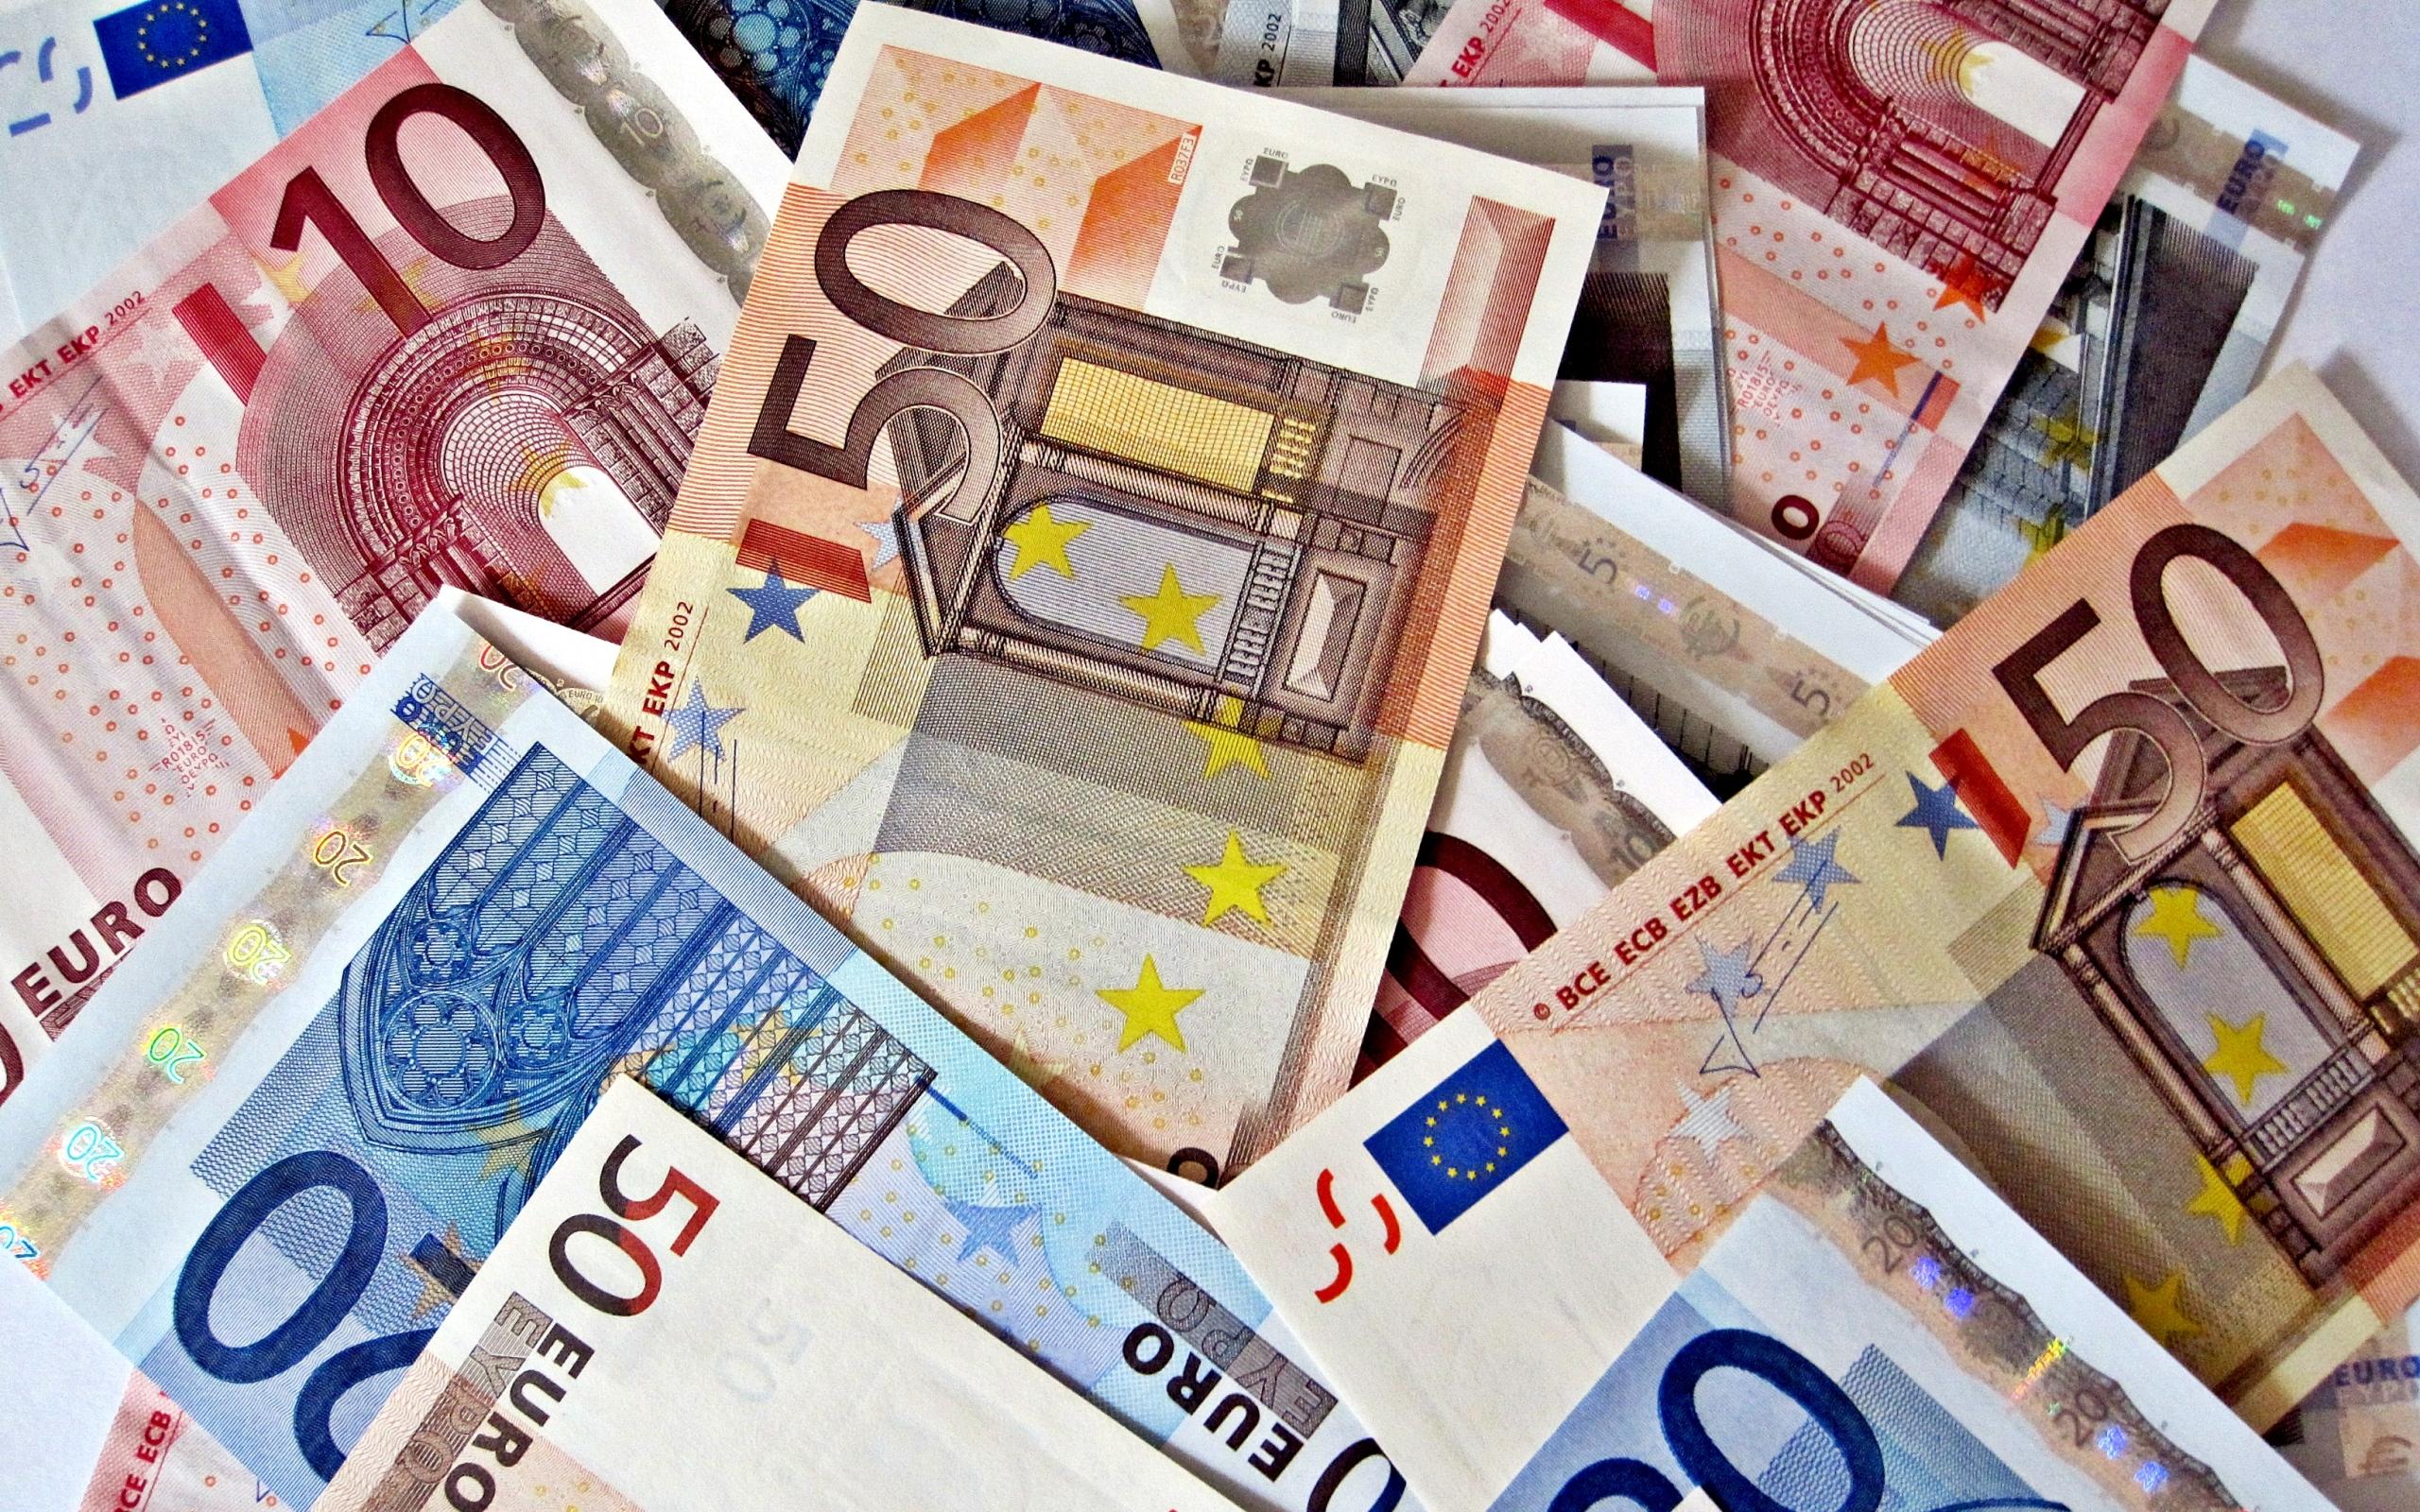 Куда можно уехать имея 5000 евро?